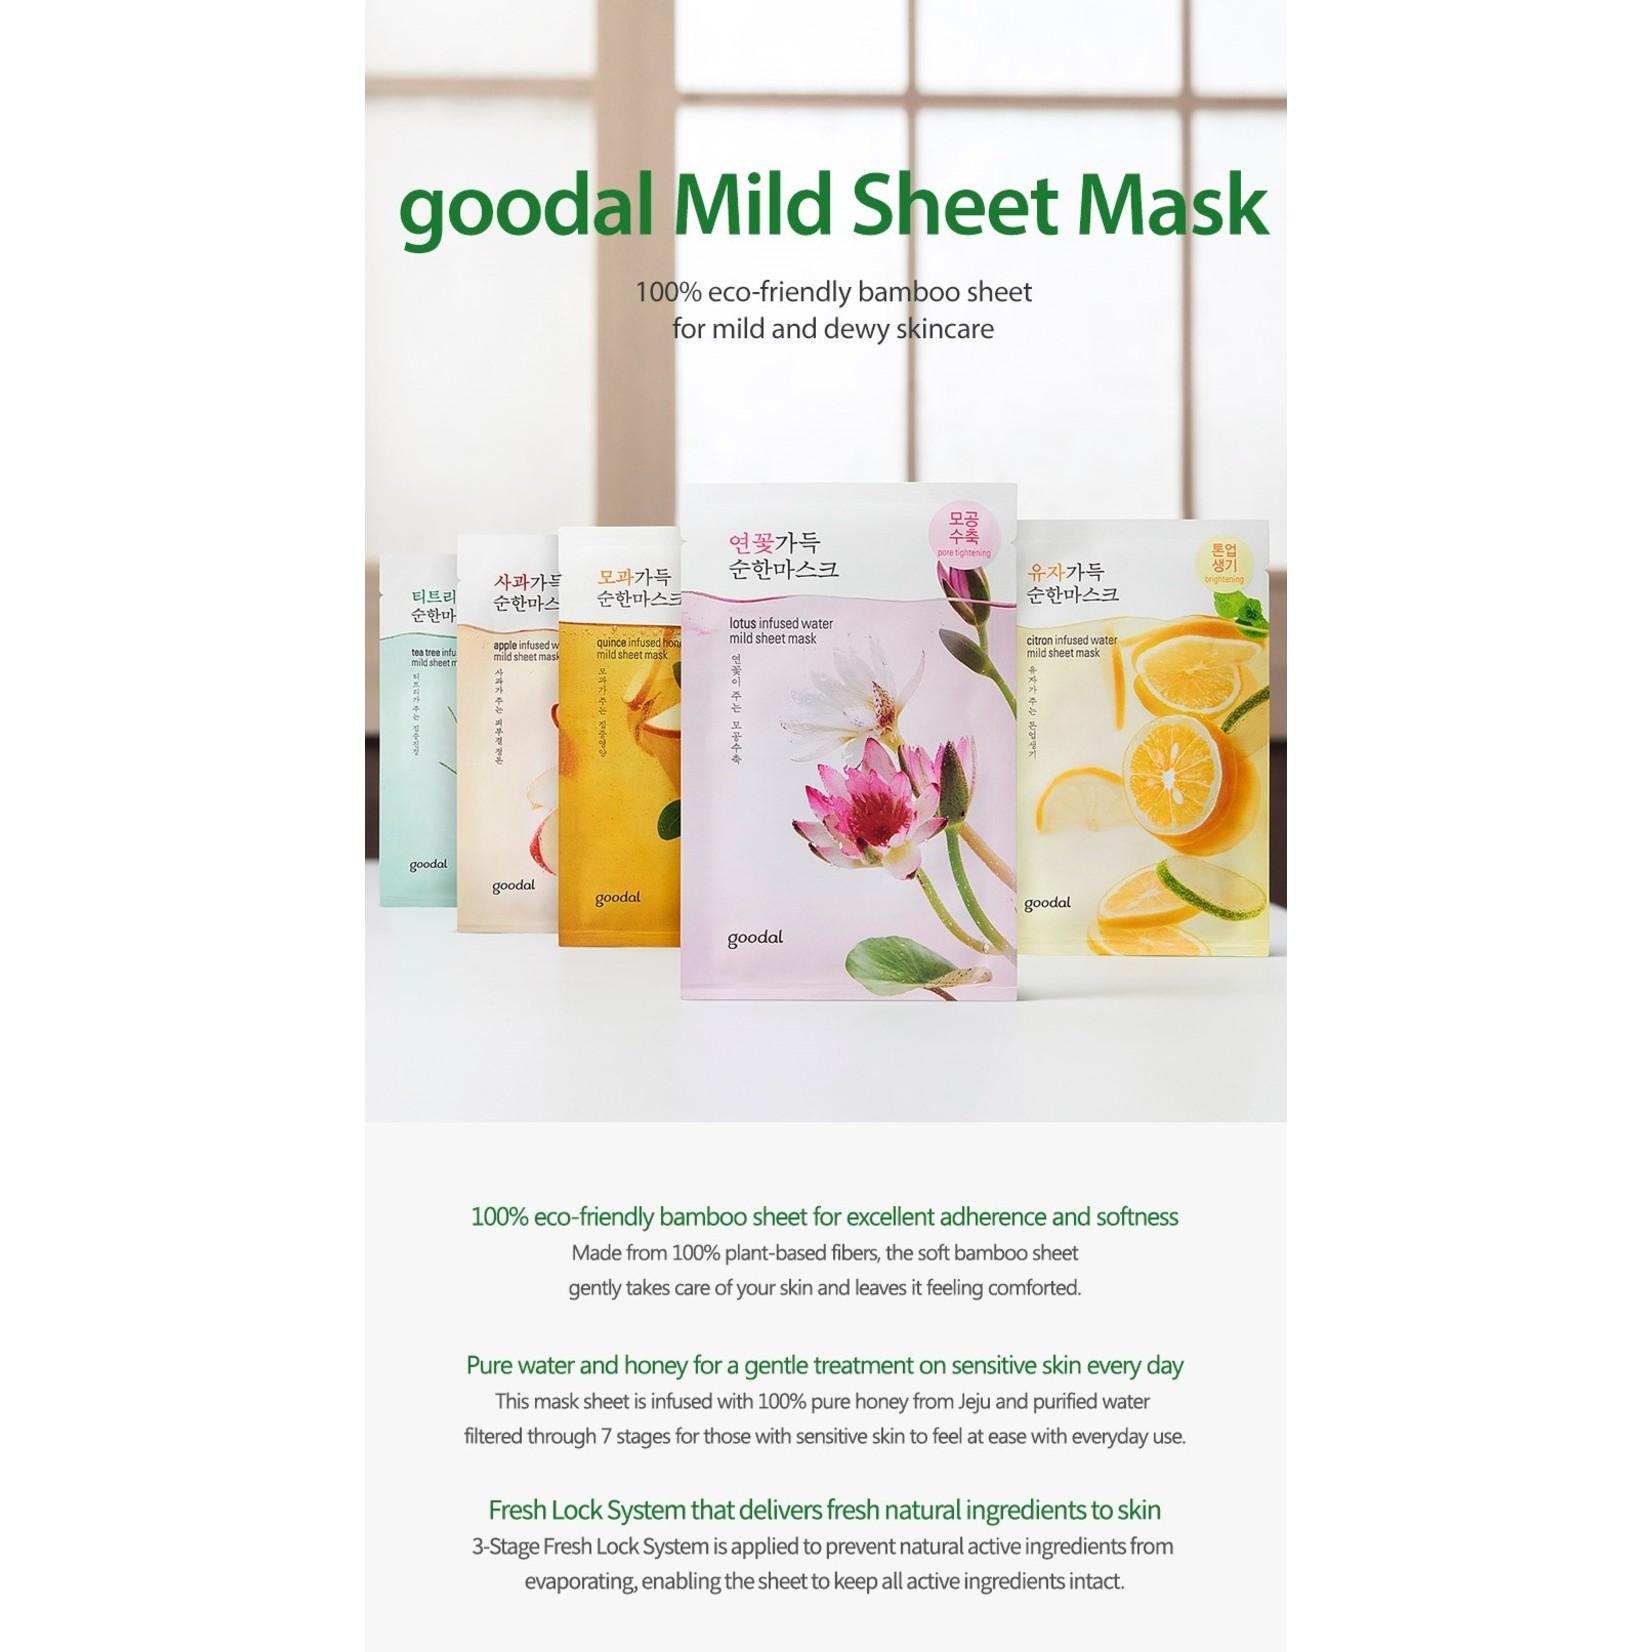 GOODAL lotus infused water mild sheet mask